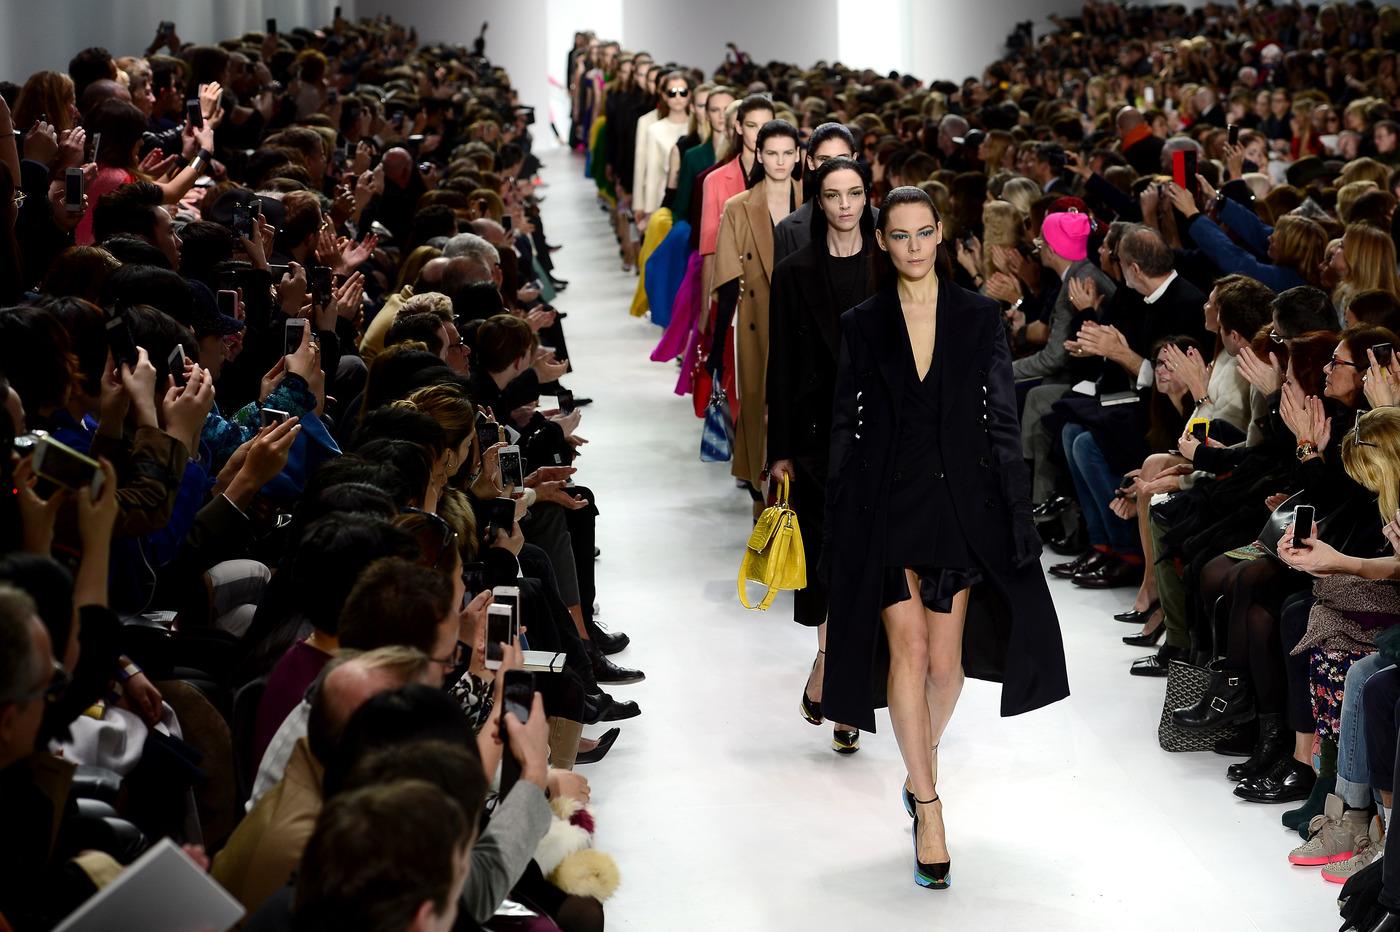 французская мода показ картинки нижнего белья очень